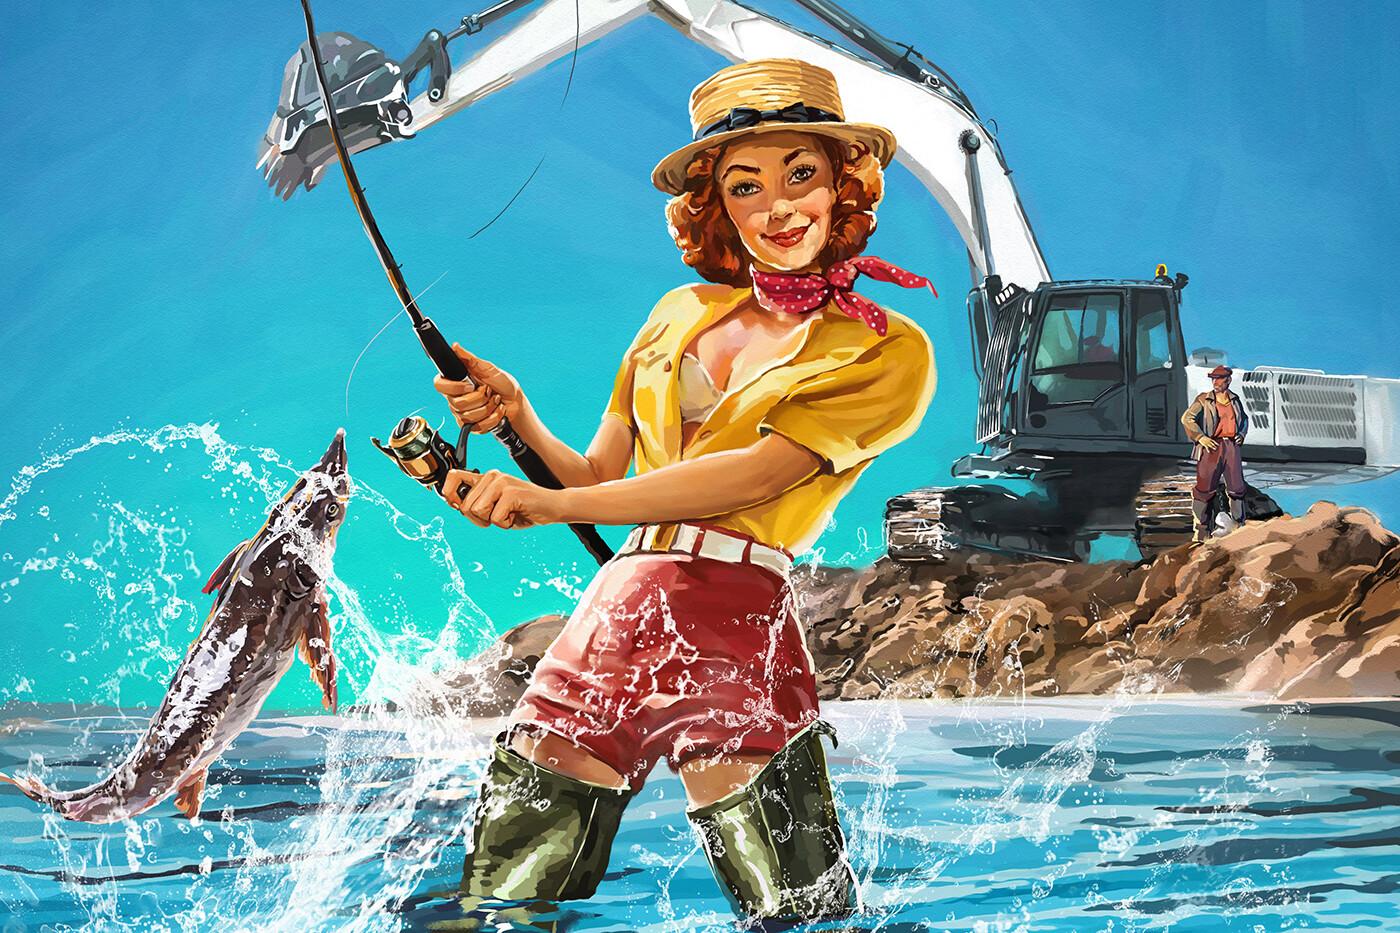 Axana zasorina axana zasorina fishing copy